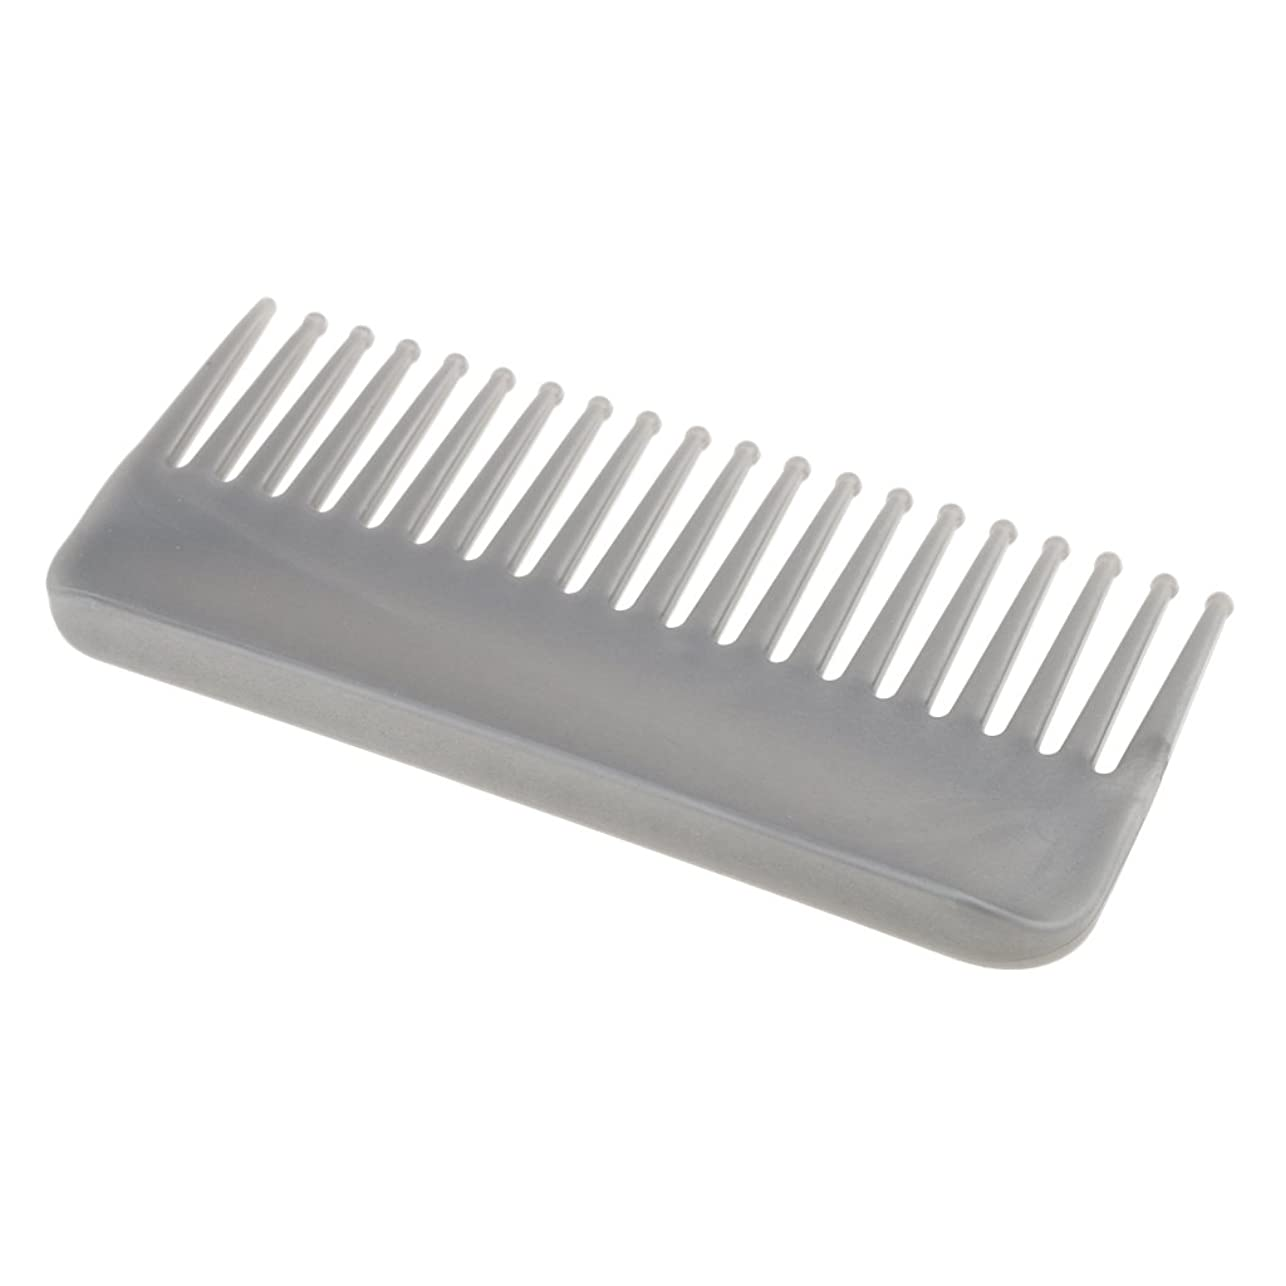 デコラティブ寝具キャメルCUTICATE プラスチック製の絡みのない広い歯のヘアブラシサロンヘアケアマッサージツール